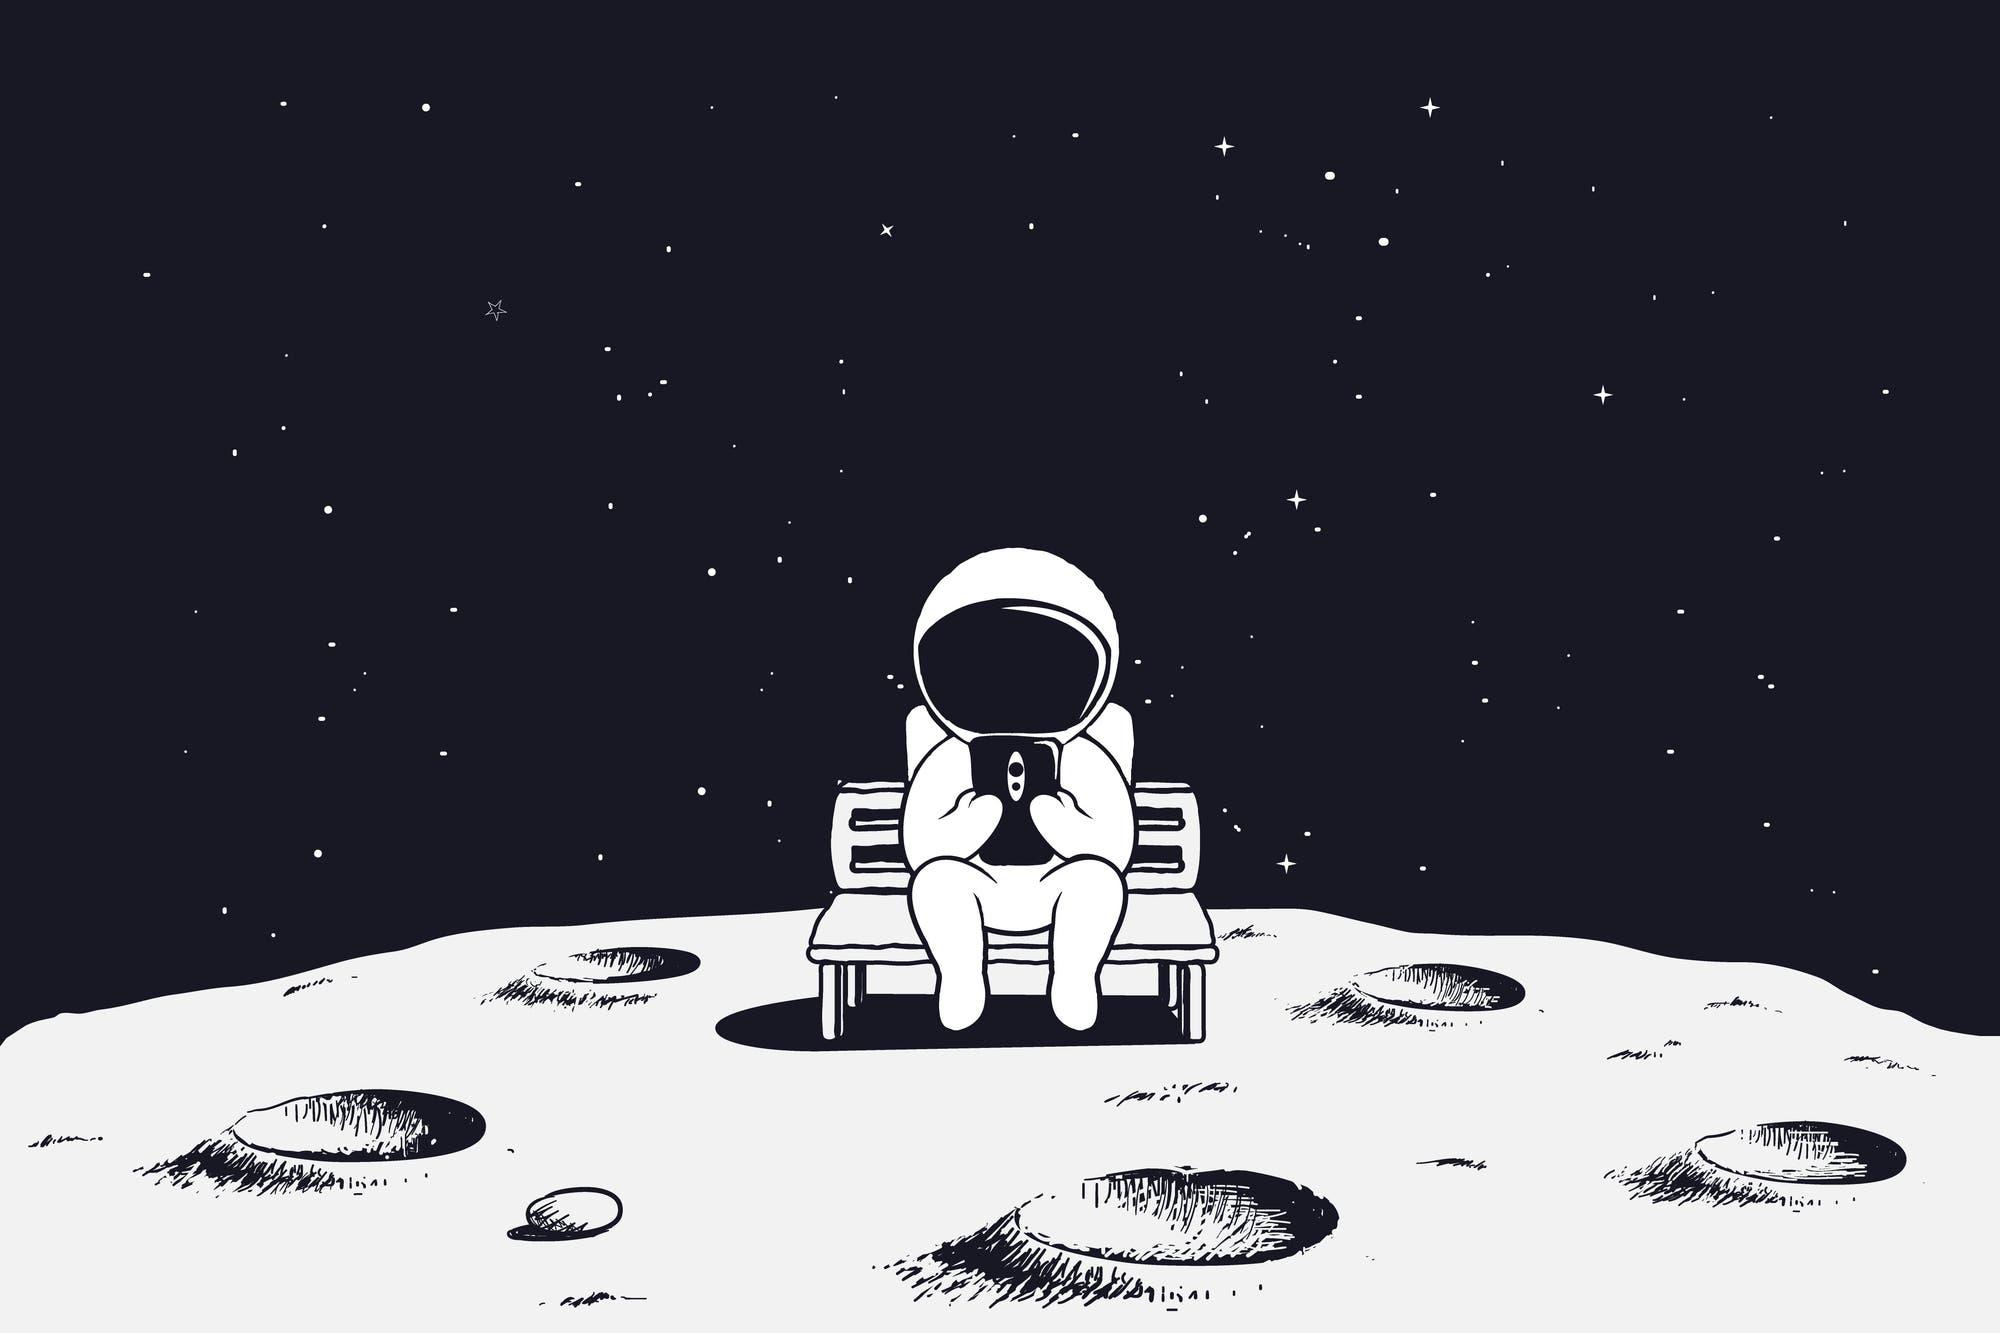 La NASA y Nokia ya planean una red 4G que instalarán en 2022 en la Luna